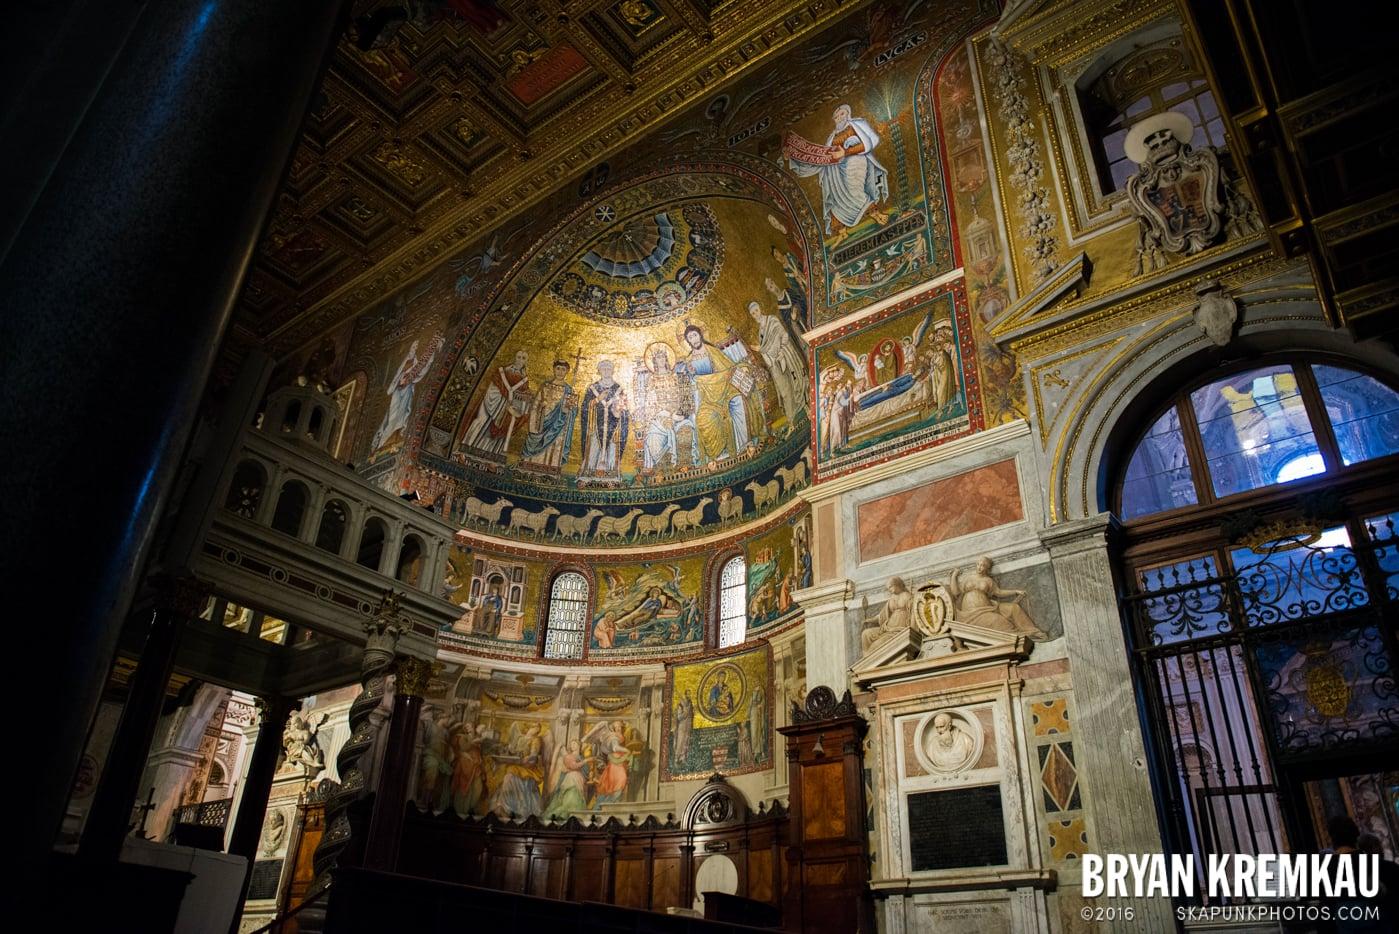 Italy Vacation - Day 2: Rome - 9.10.13 (27)